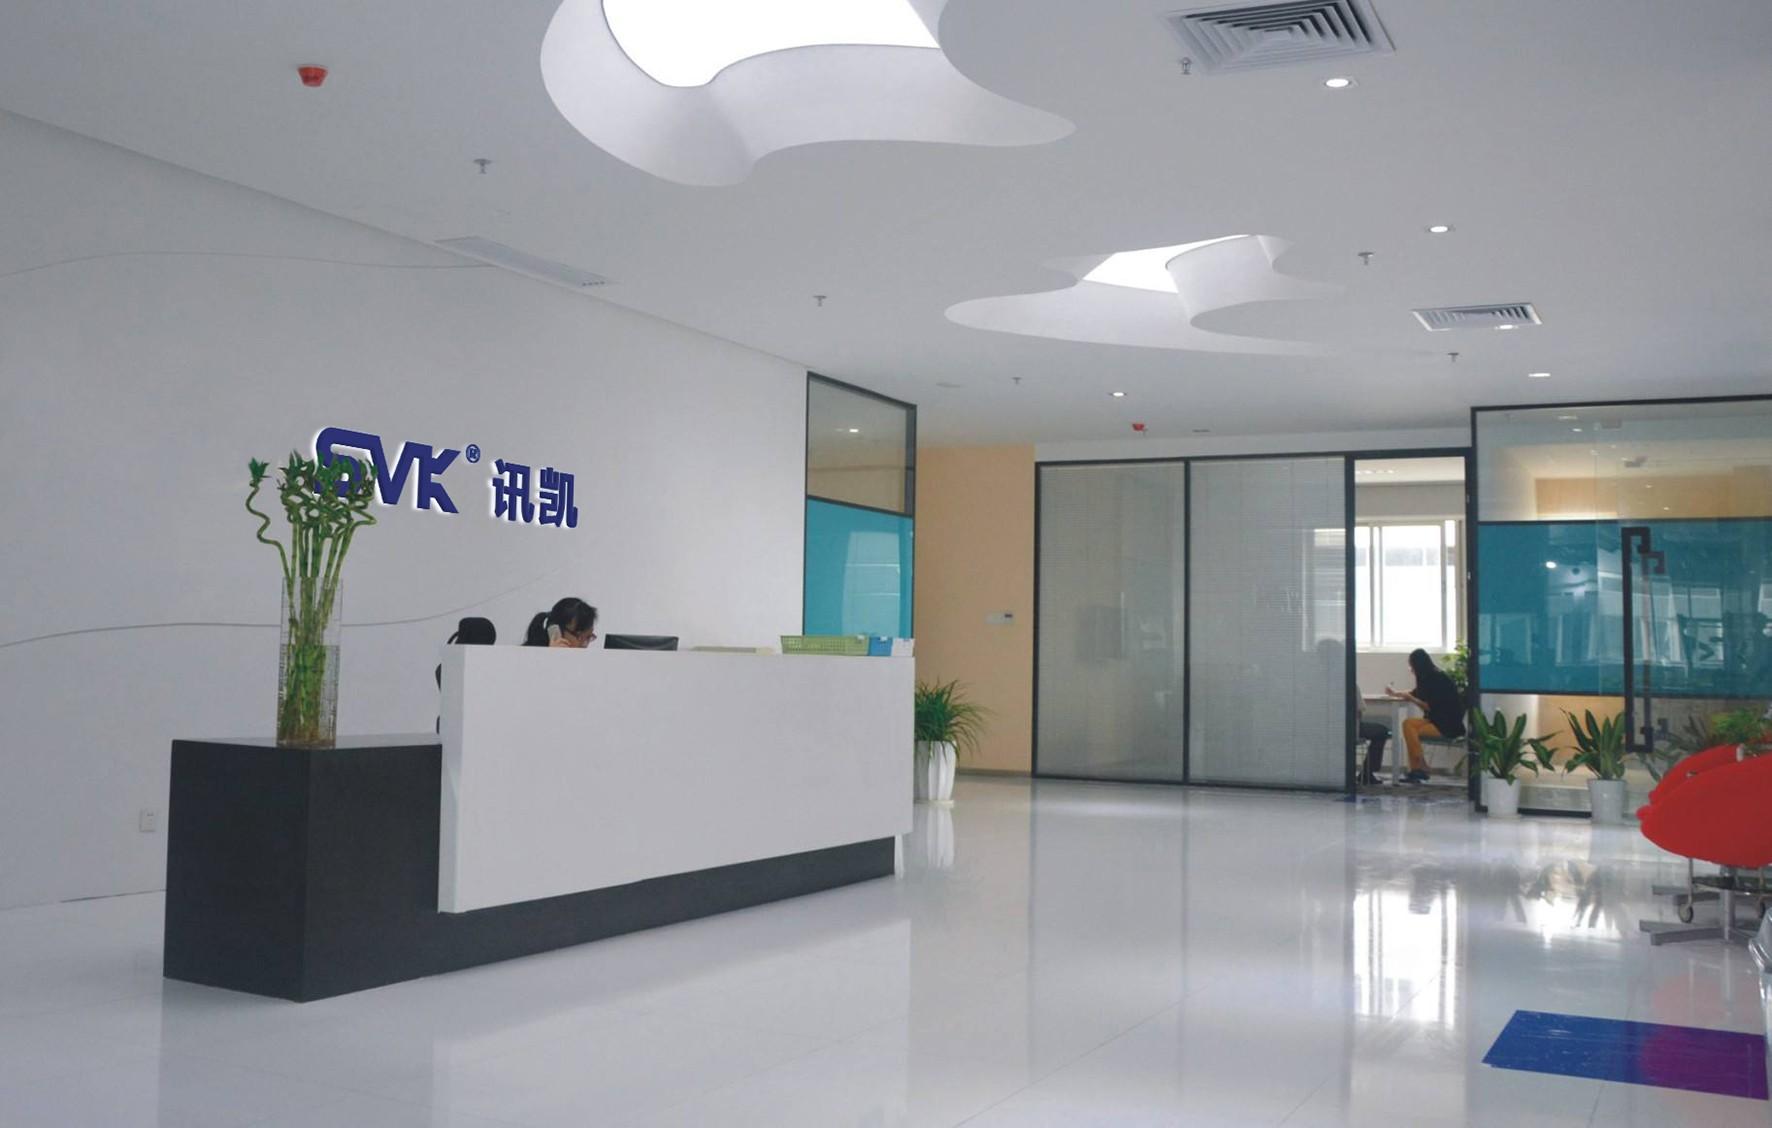 SVK讯凯